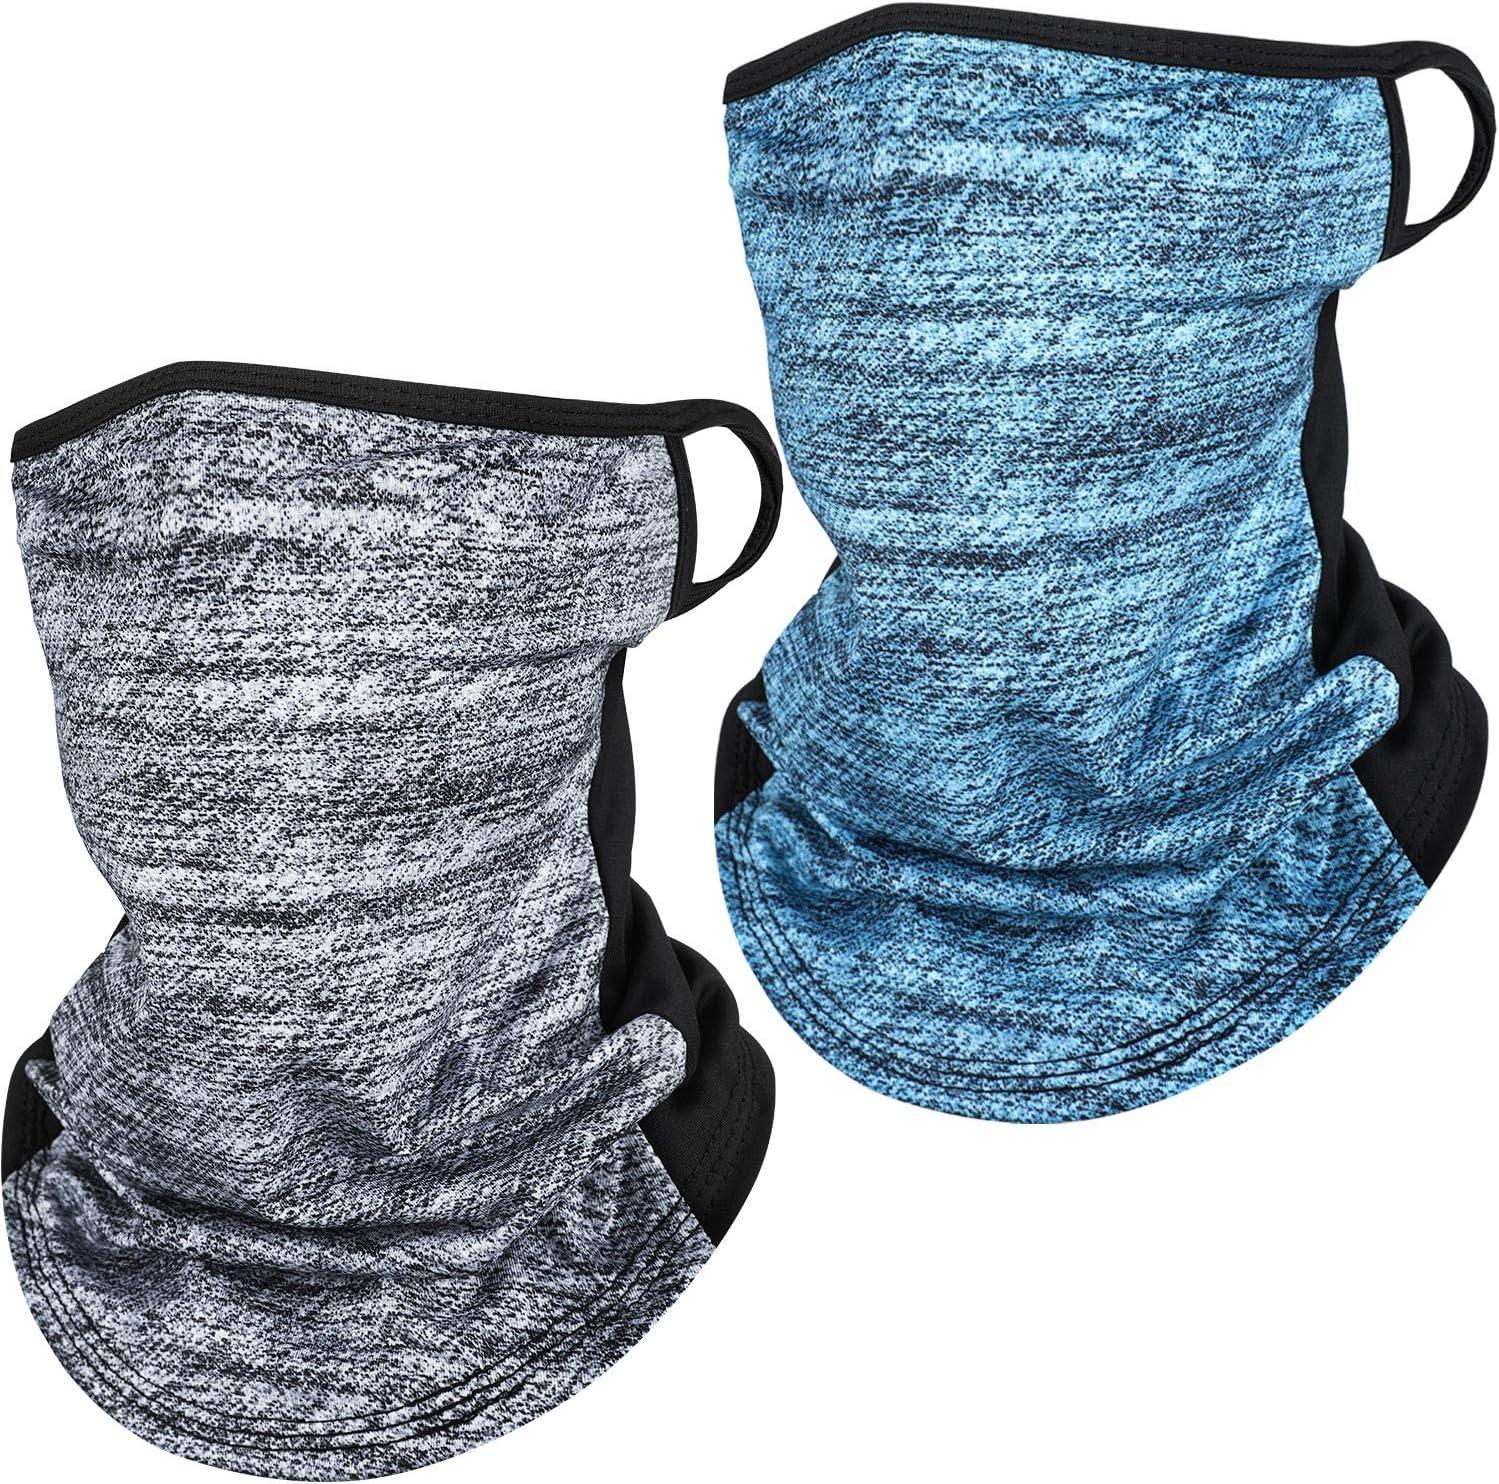 SATINIOR 2 St/ück Halstuch Eisseide Bandana Schal UV-Schutz Gesichtsschutz Sommer Sturmhaube Kopfbedeckung f/ür Outdoor